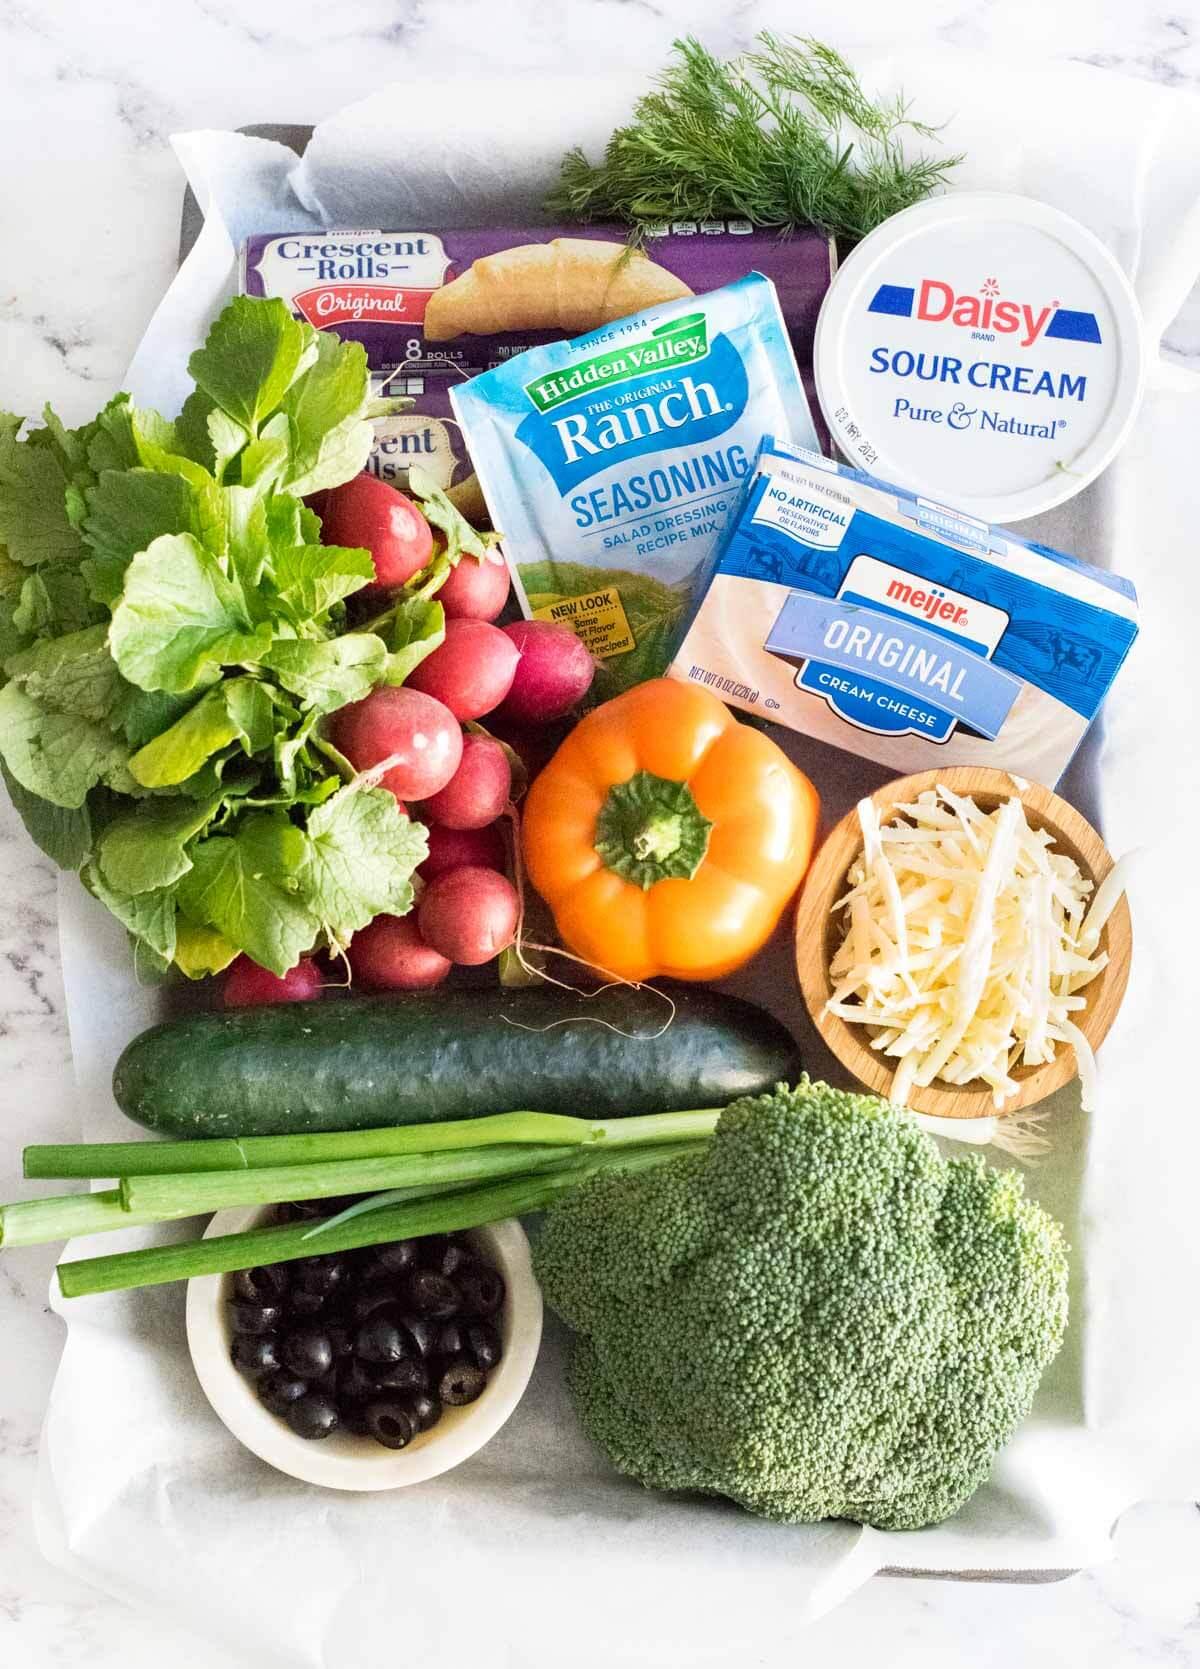 Fresh veggie pizza ingredients shown.